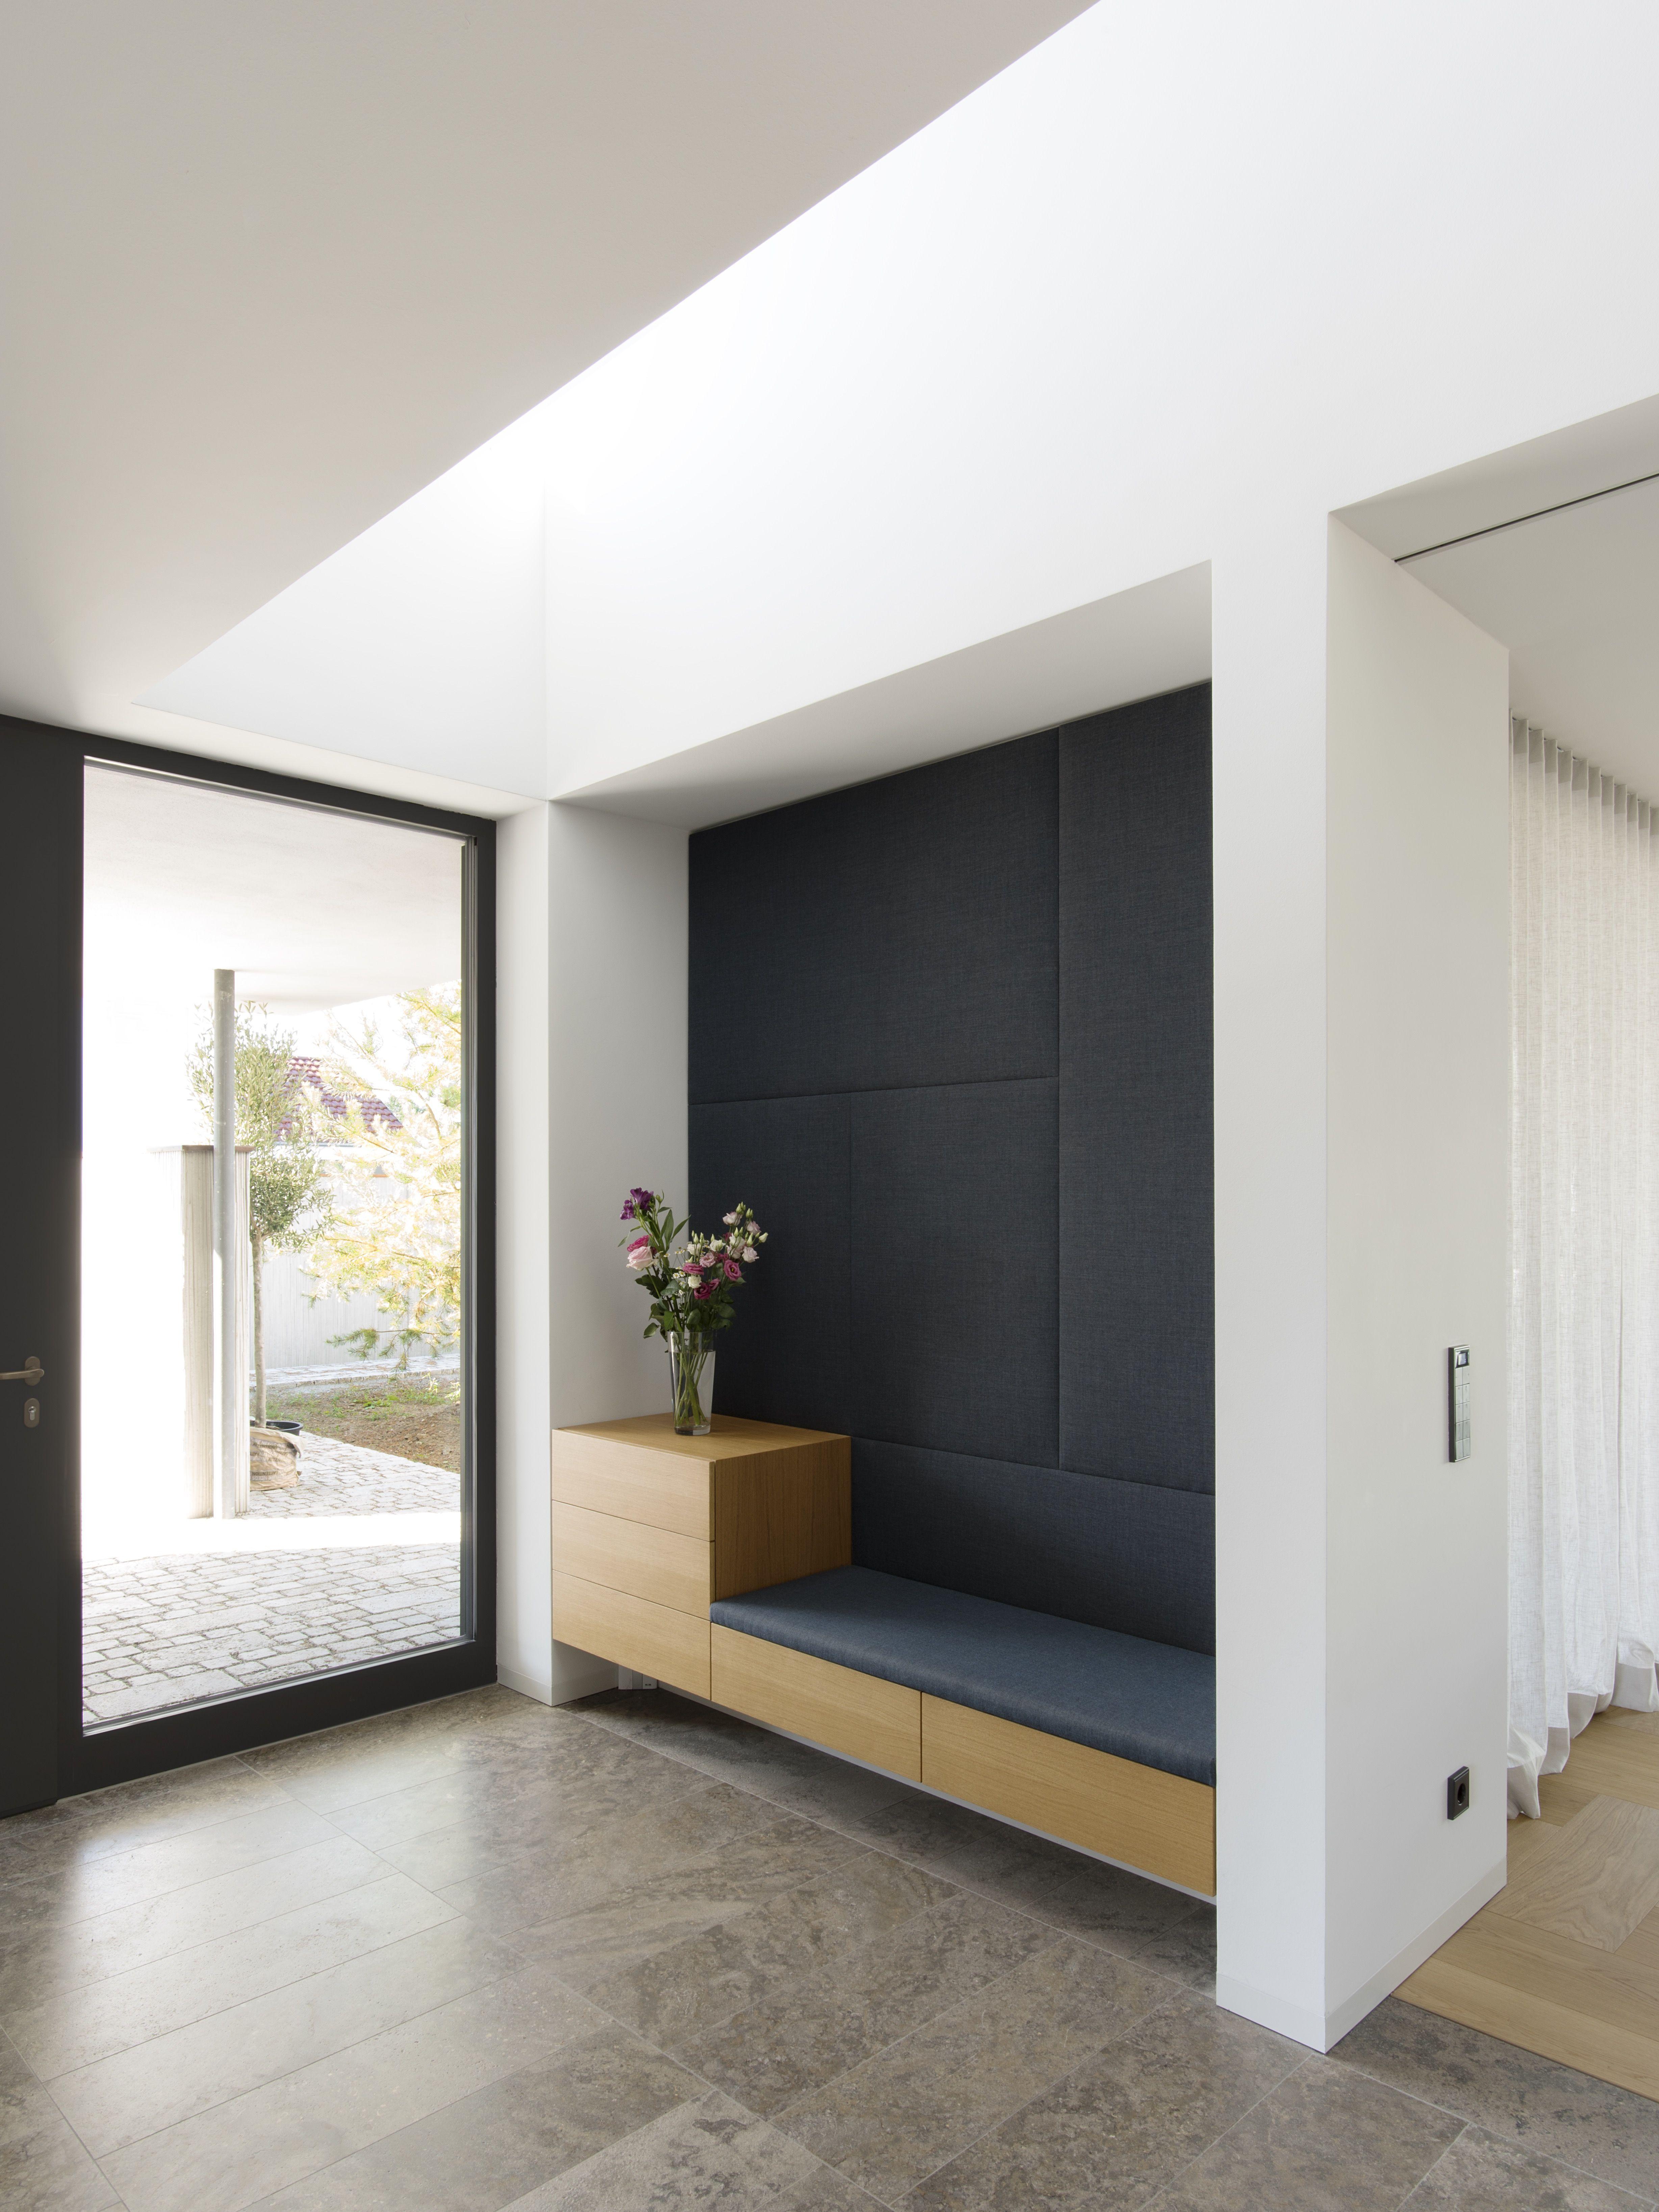 ARNOLD / WERNER Architekten Haus Aichach ARNOLD / WERNER ...